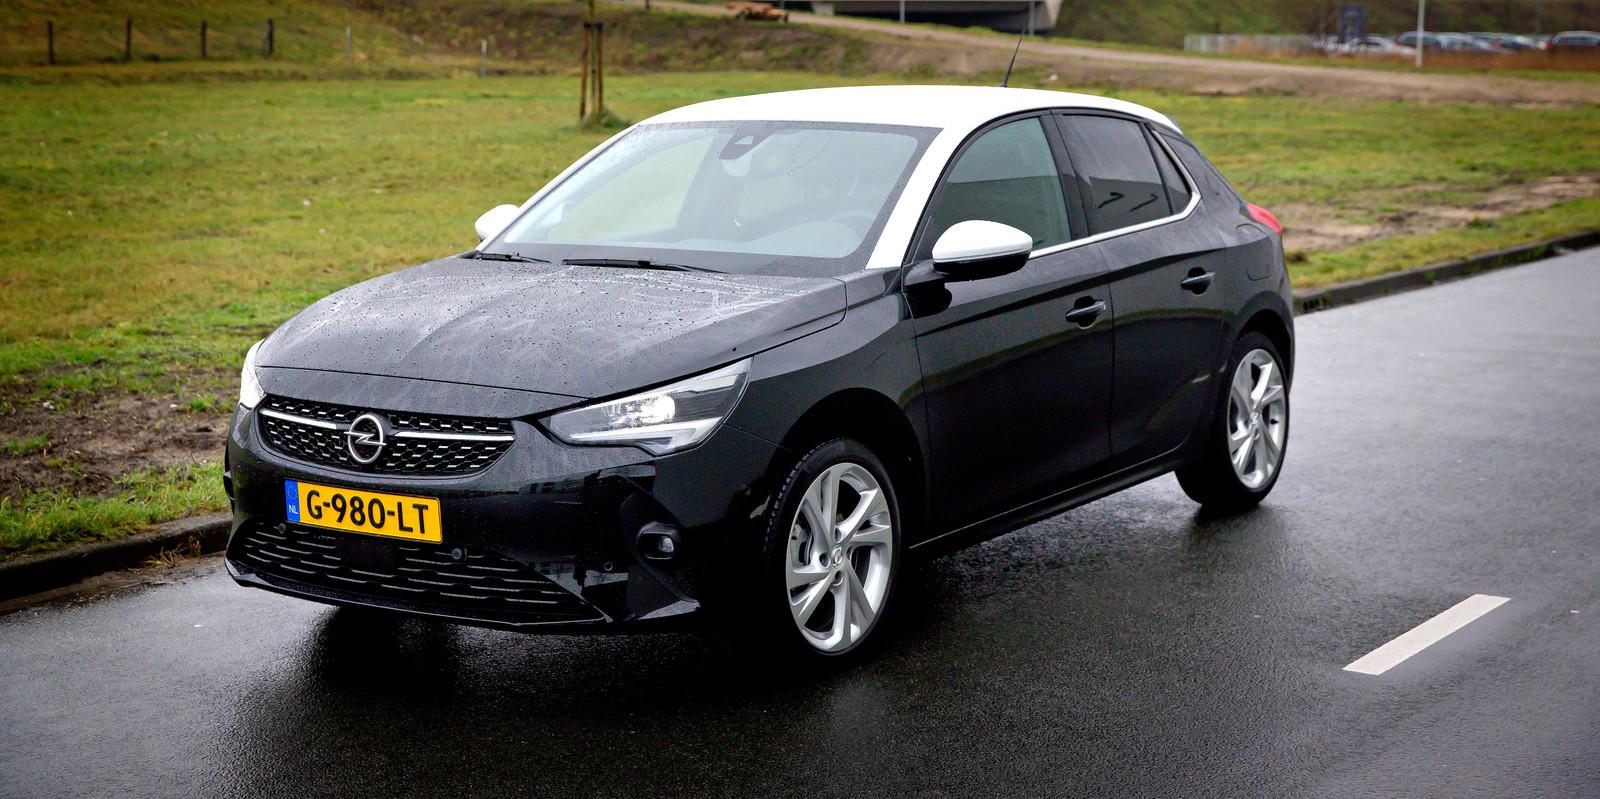 De nieuwe Opel Corsa oogt veel volwassener dan voorheen, al wordt die belofte binnenin niet helemaal waargemaakt.